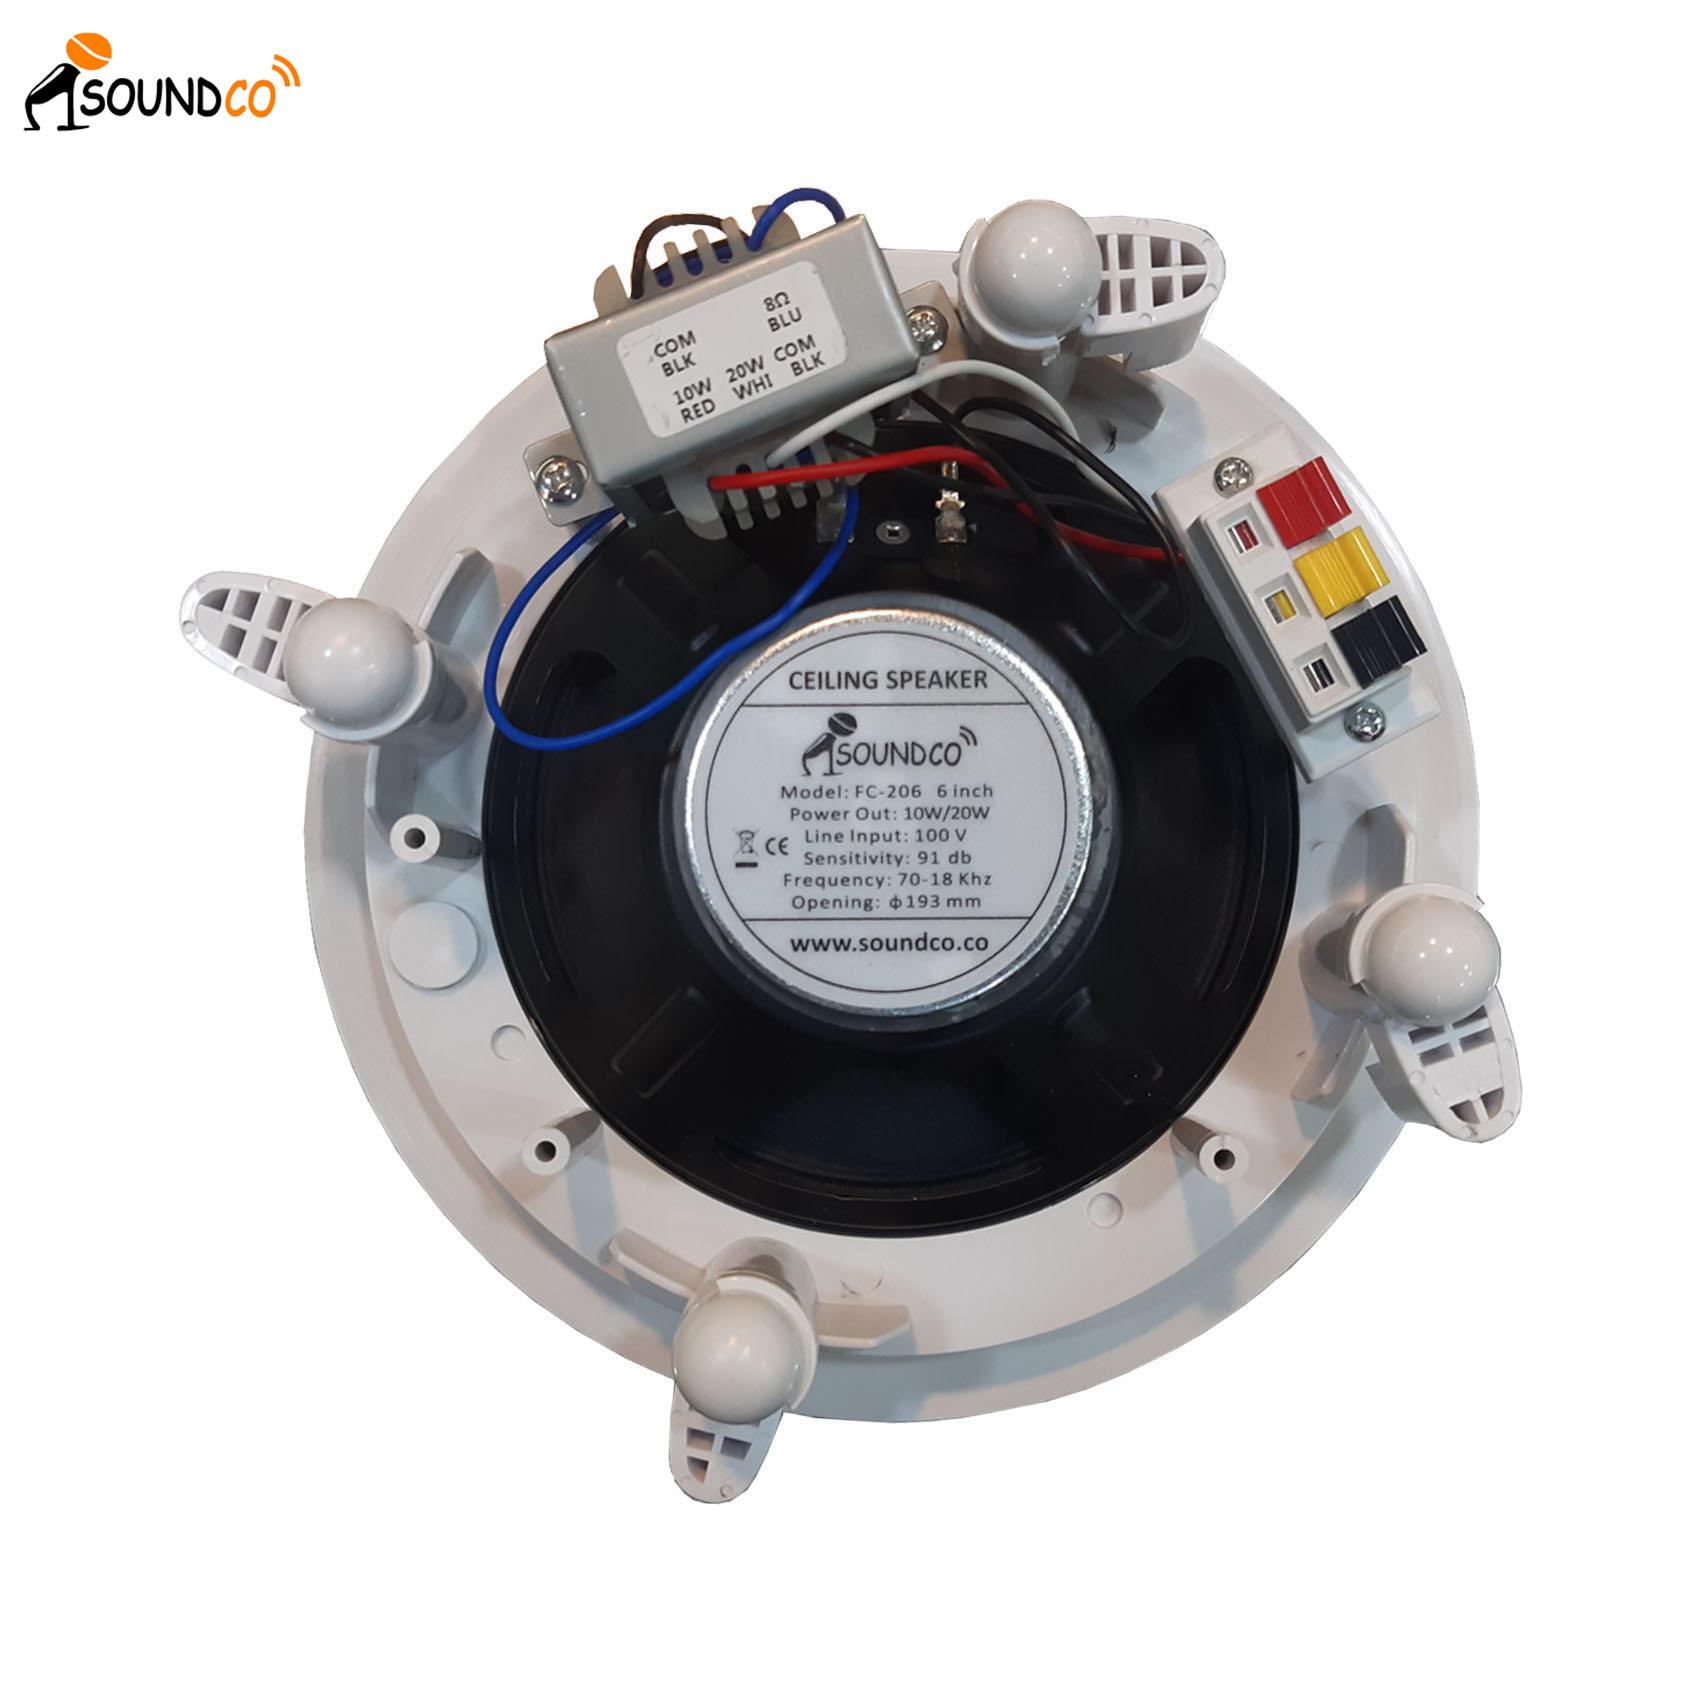 Soundco FC-206 Celing Speaker-1